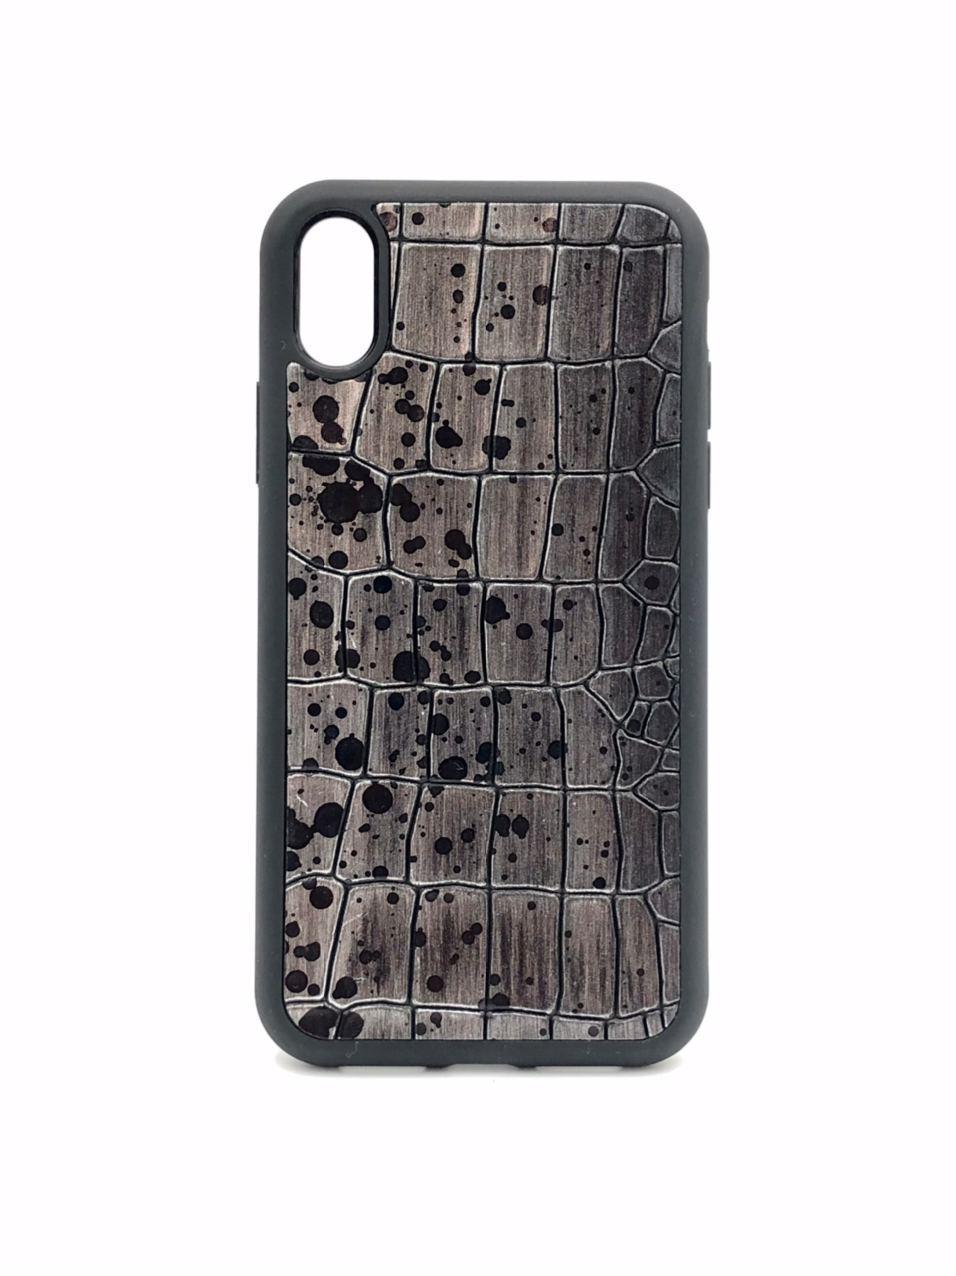 Чехол для iPhone Xs Max цвета металлик из Телячьей кожи тиснёной под Крокодила